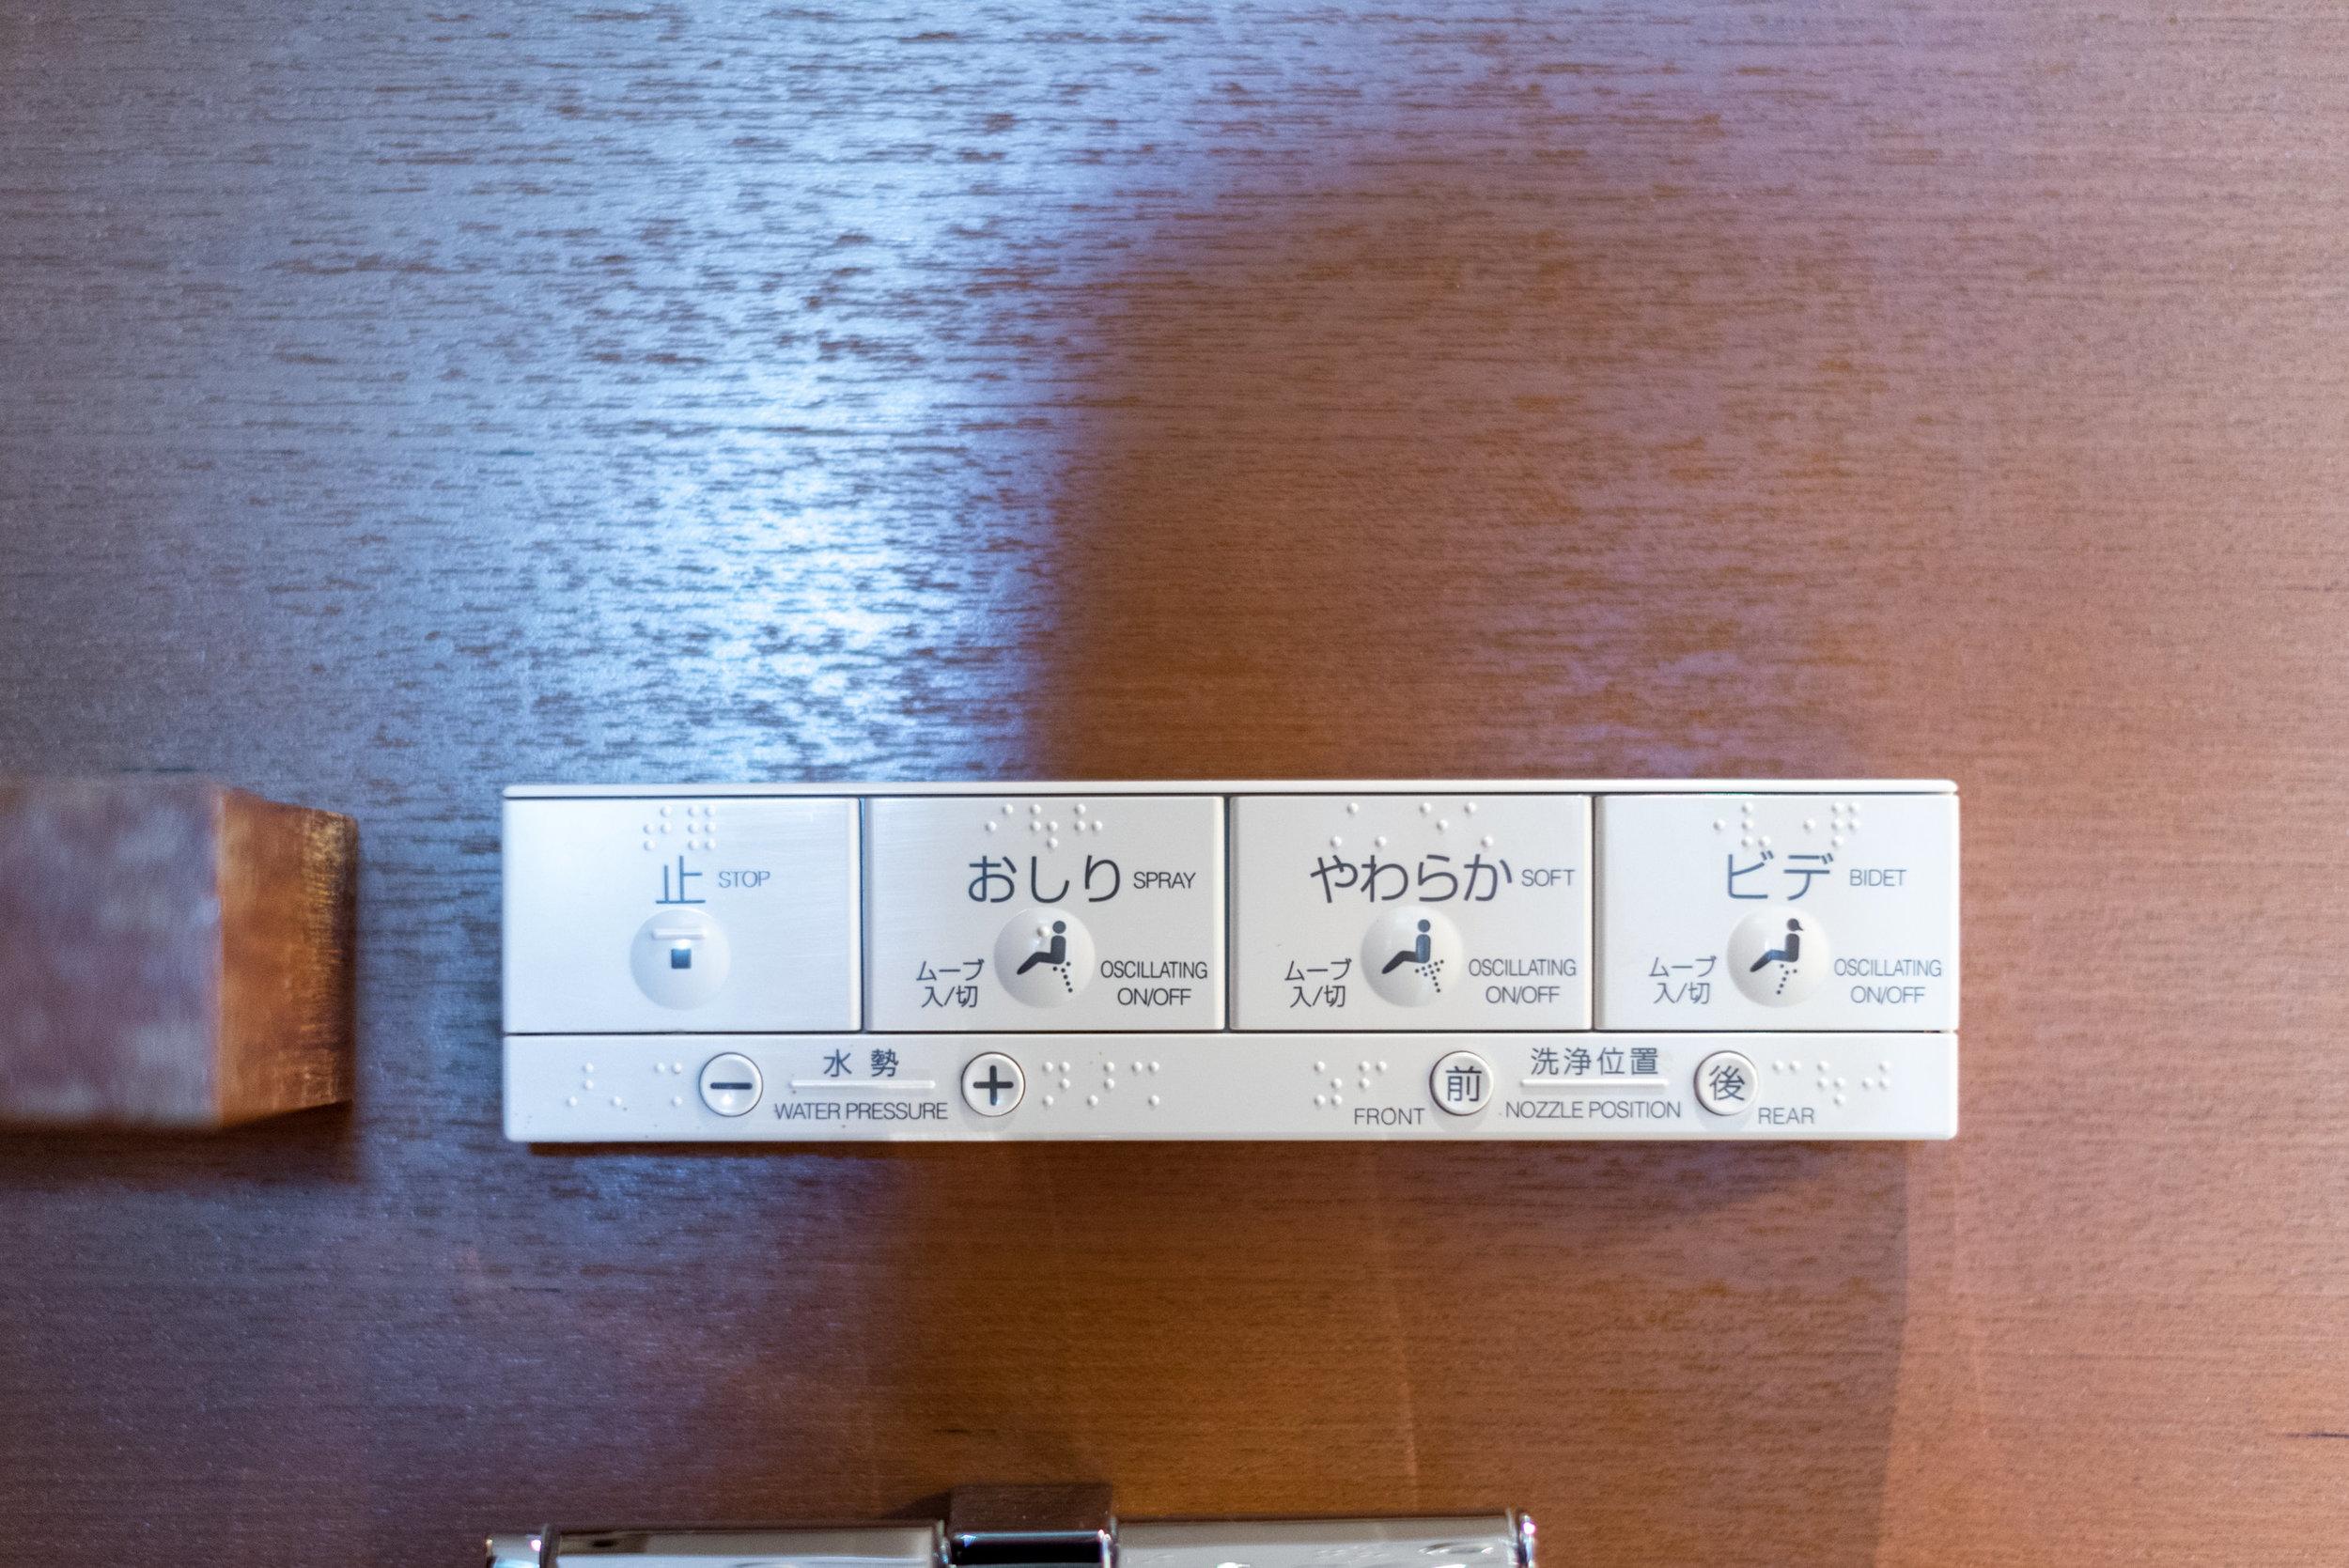 Toto Washlet in Bathroom  Regency Club Room - Hyatt Regency Tokyo